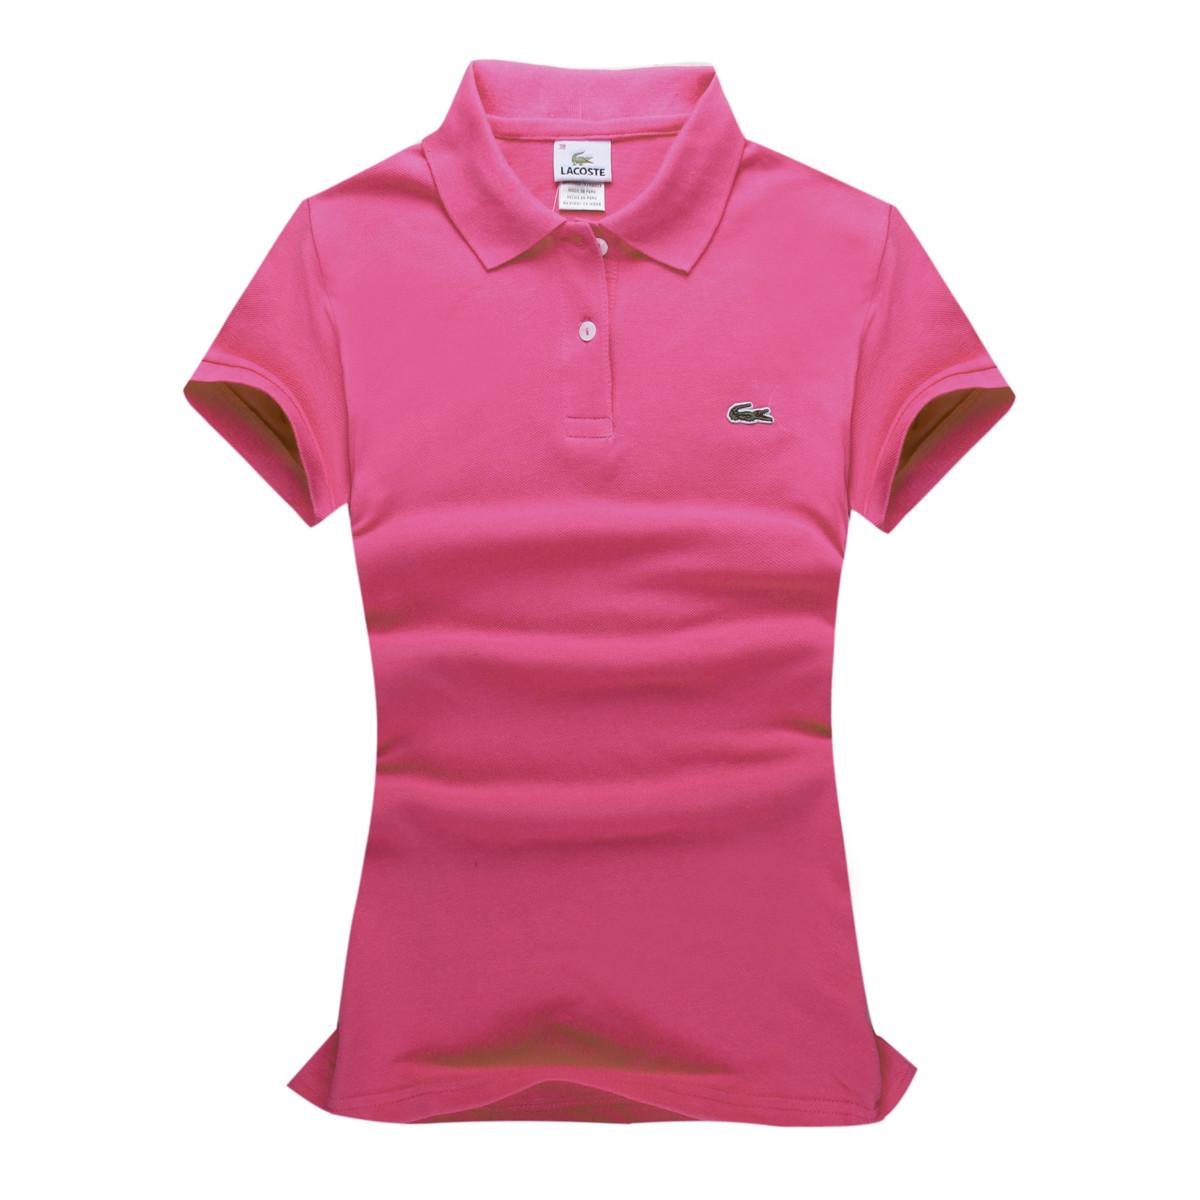 Lacoste 100% хлопок РАЗНЫЕ цвета женская футболка поло лакоста